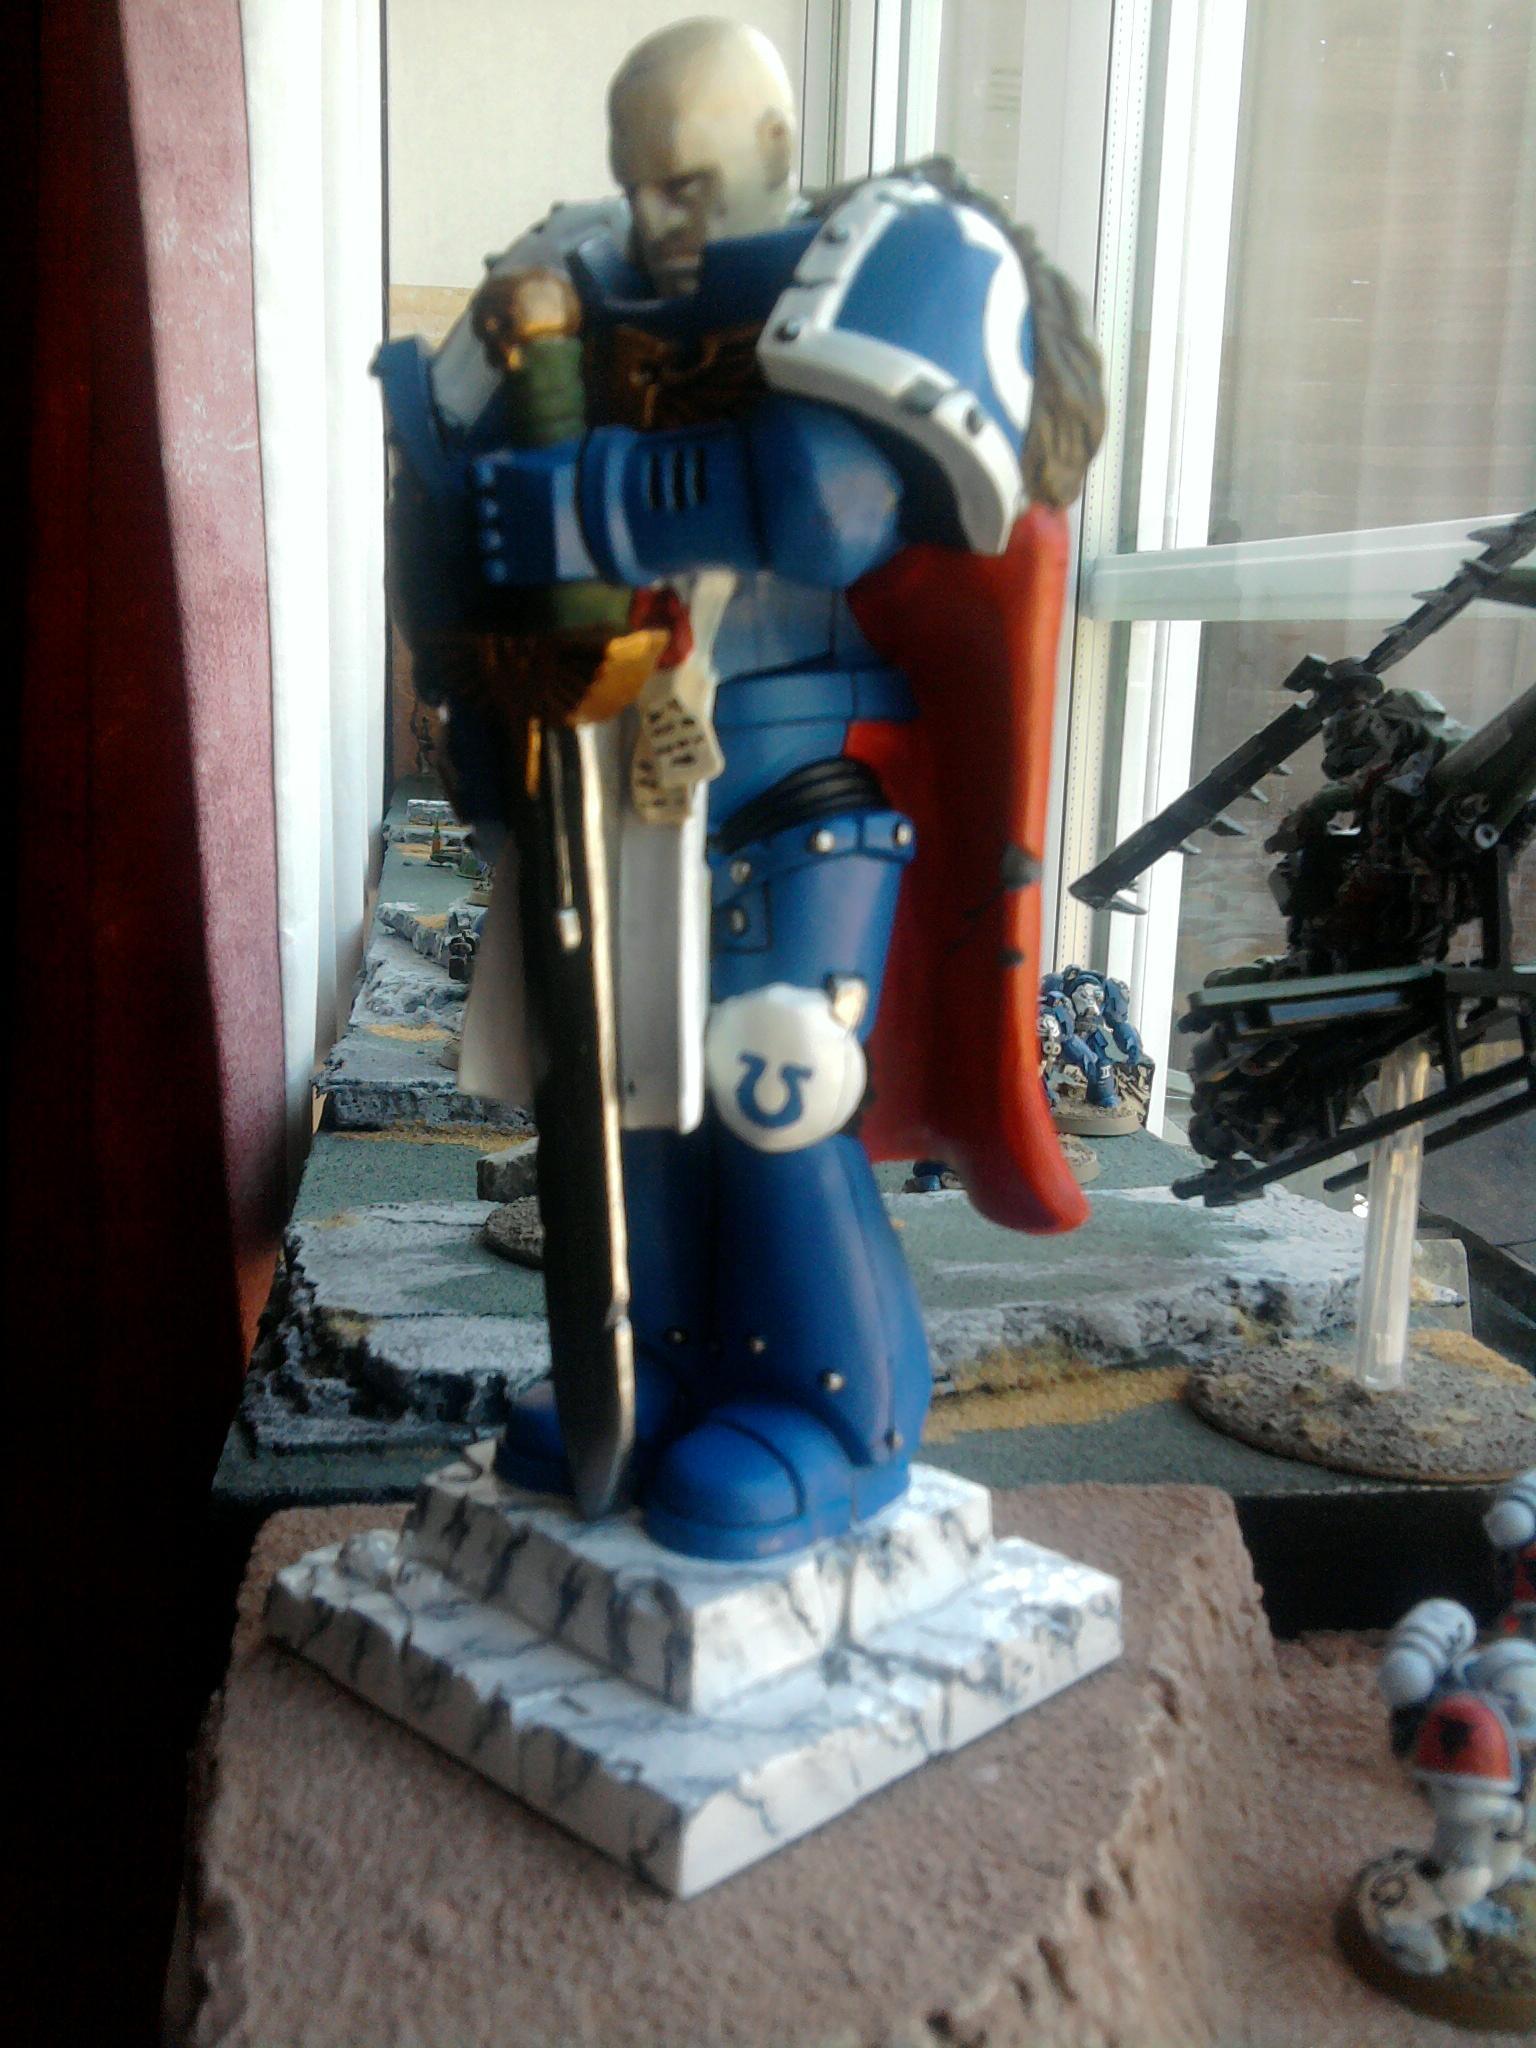 Adeptus Astartes, Honoured Imperium, Power Armour, Space Marines, Statue, Ultramarines